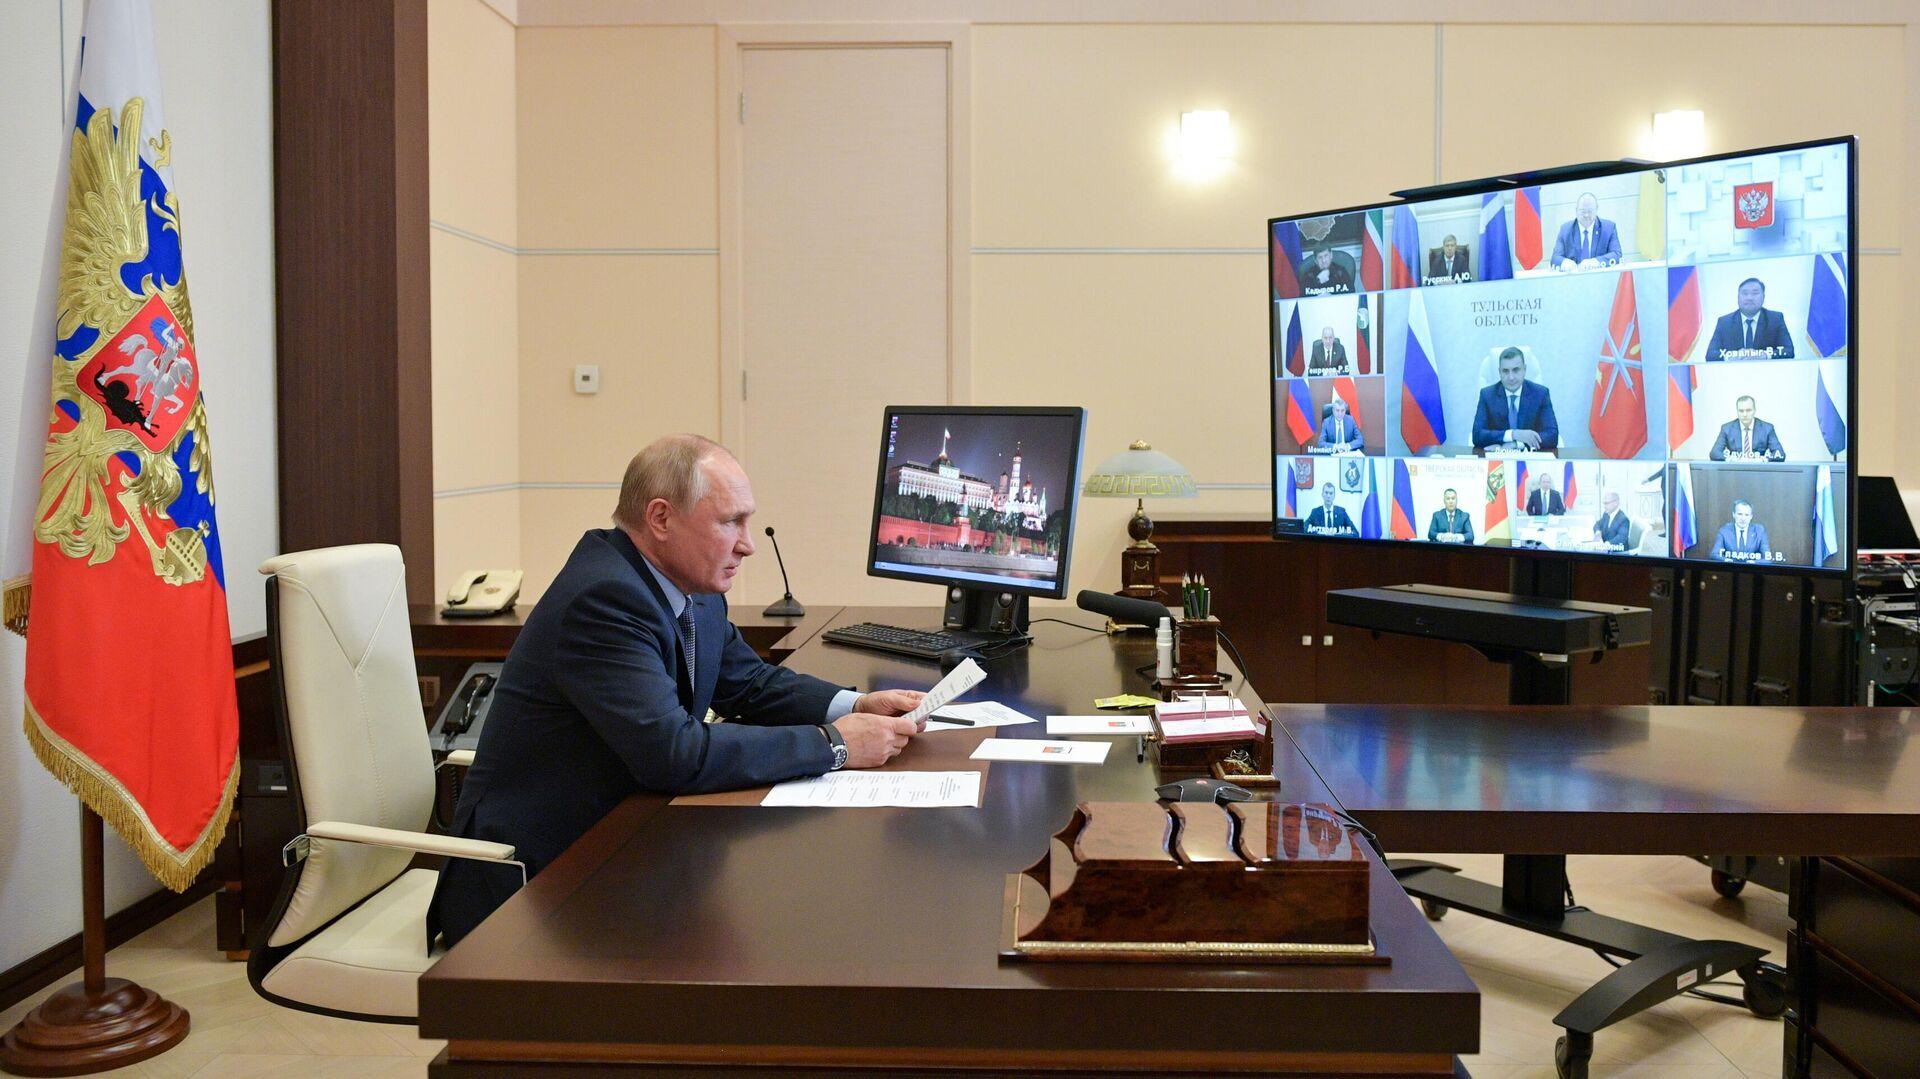 Президент РФ Владимир Путин проводит в режиме видеоконференции встречу с избранными высшими должностными лицами субъектов РФ - РИА Новости, 1920, 25.09.2021